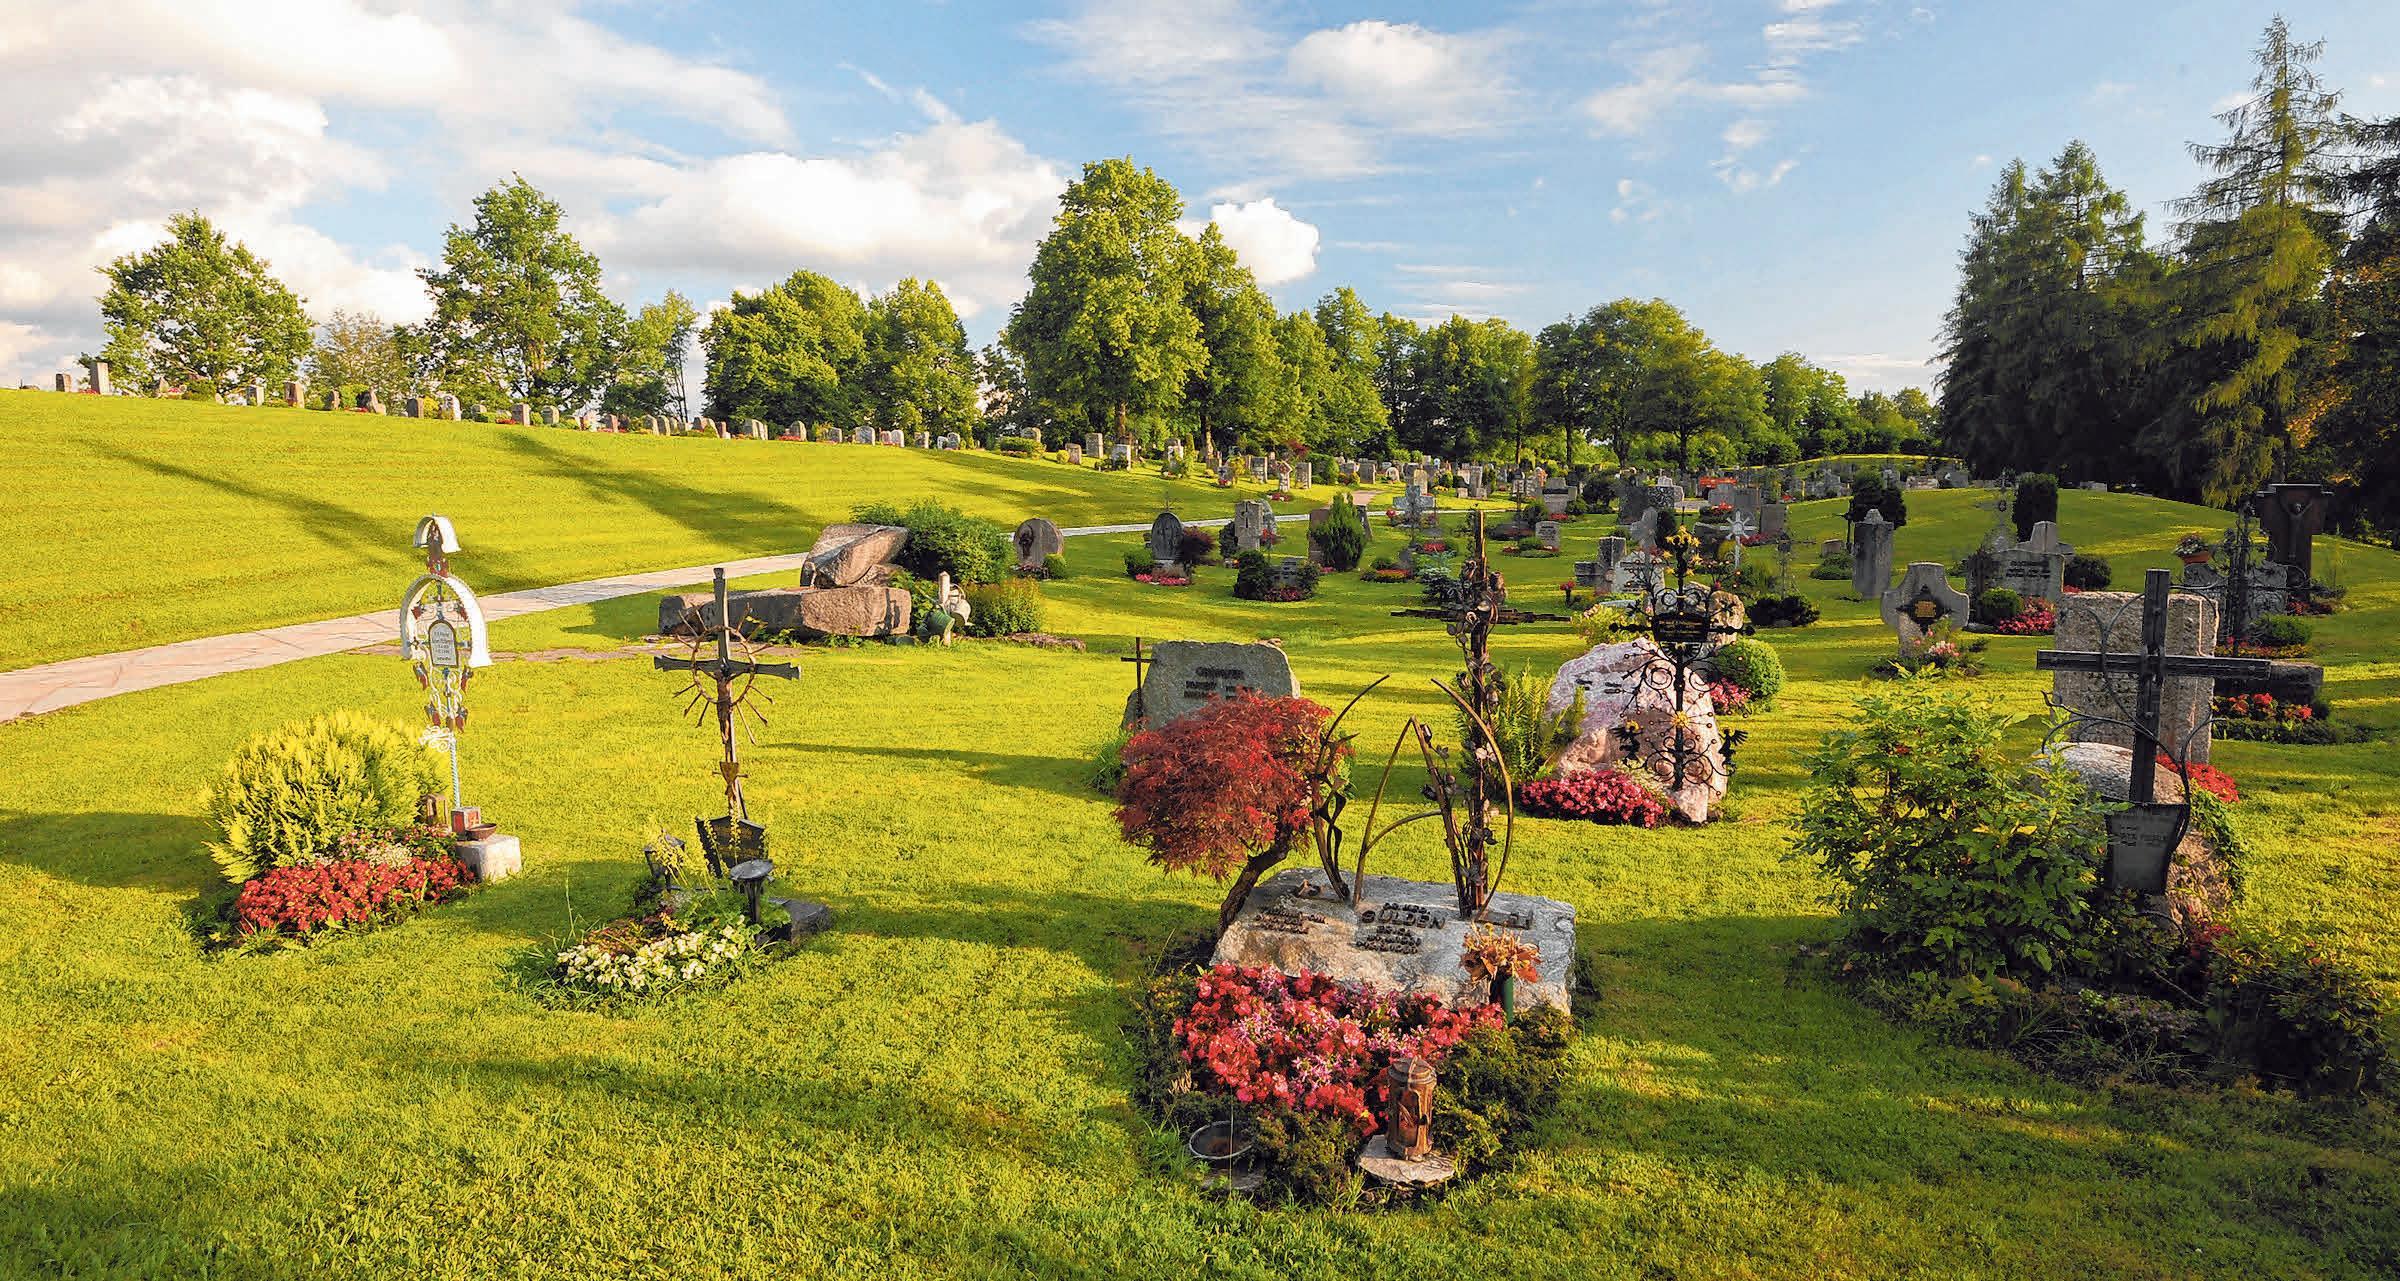 Der Bergfriedhof In Lindenberg ist ein besopielhafter Ort, an dem Menschen sich gerne aufhalten, um zu trauern und zu gedenken. FOTO: THOMAS GRETLER